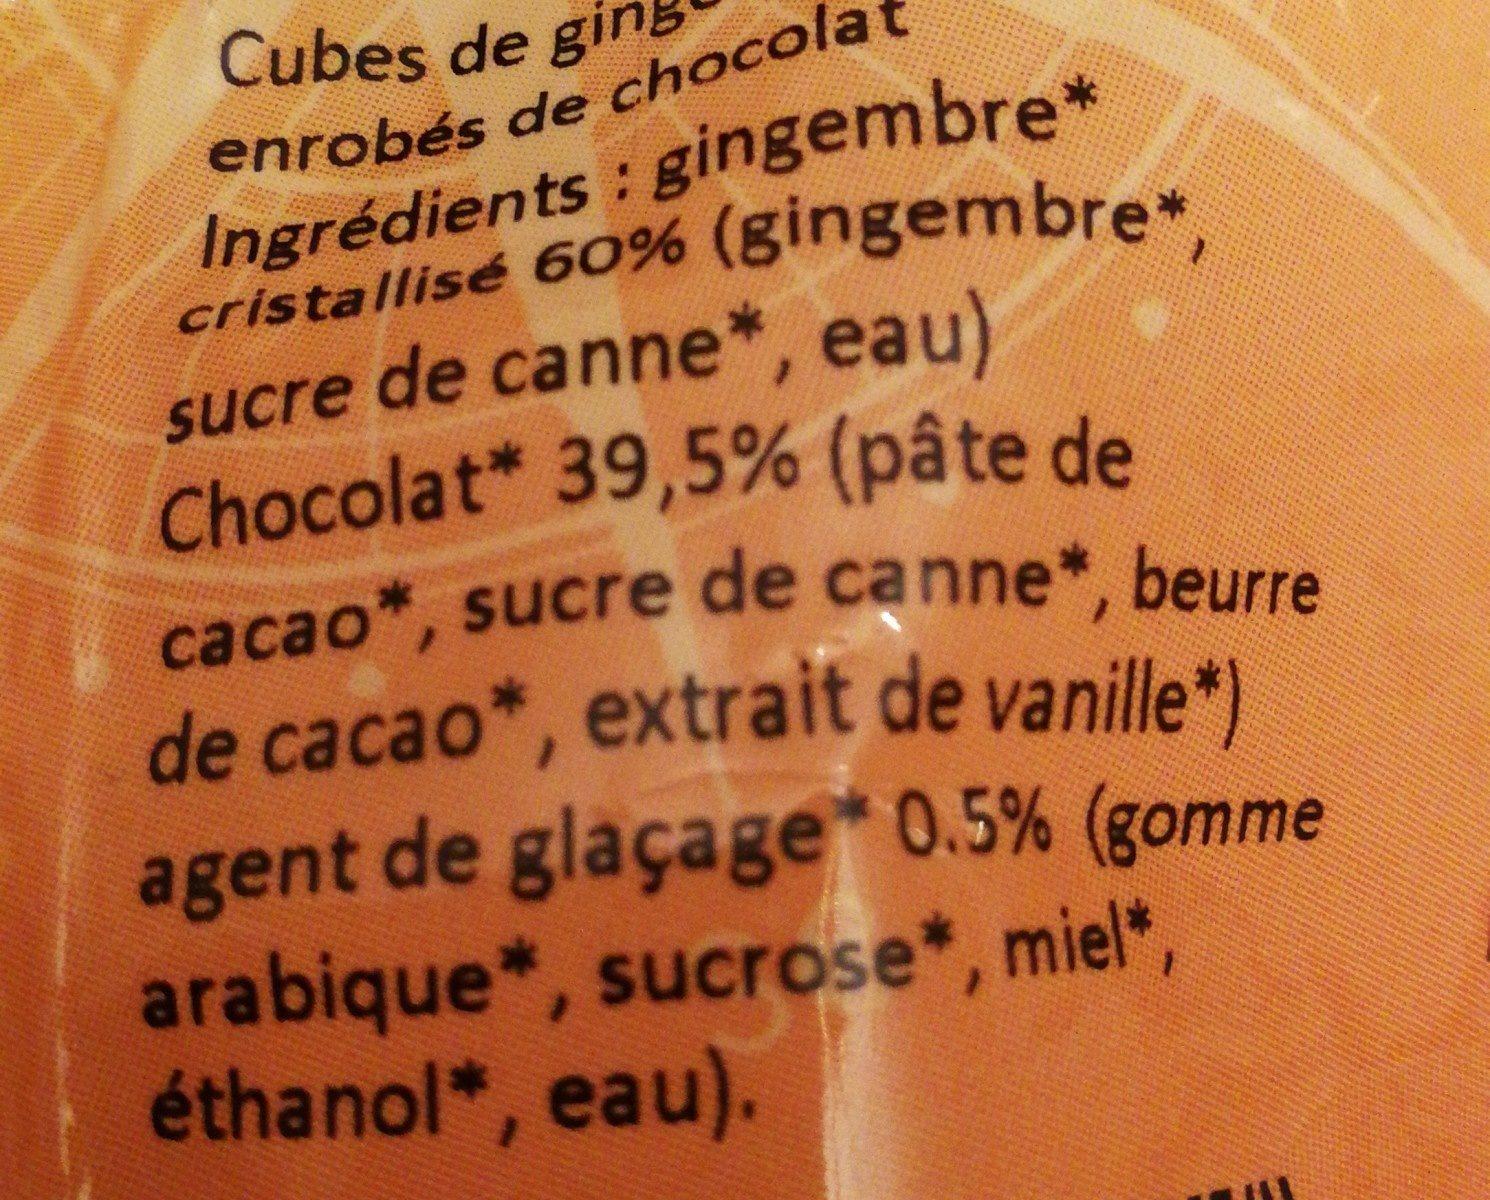 Gingembre au chocolat - Ingrédients - fr